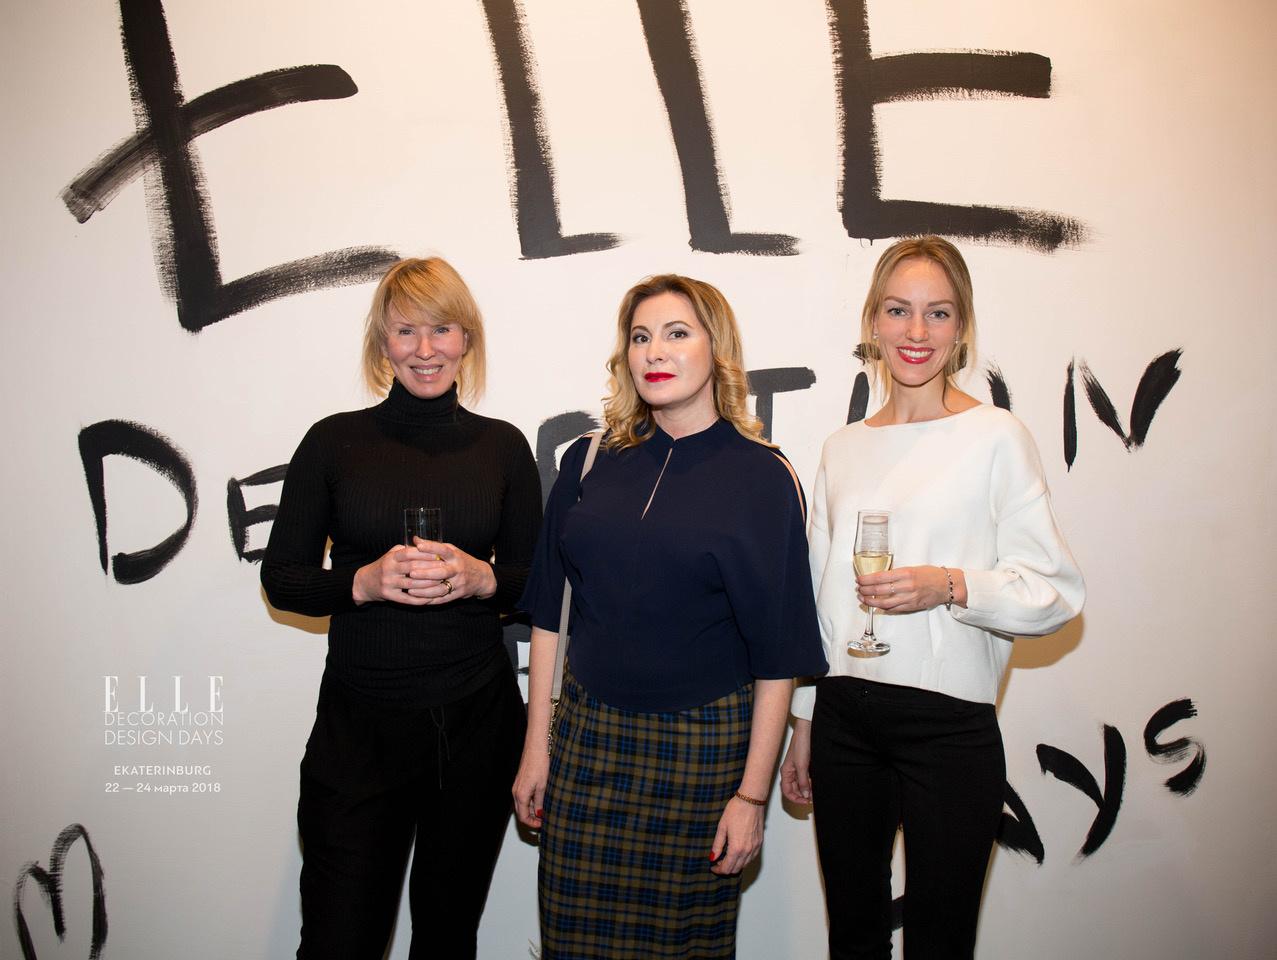 ELLE DECORATION Design Days в Екатеринбурге 2018 (галерея 2, фото 1)